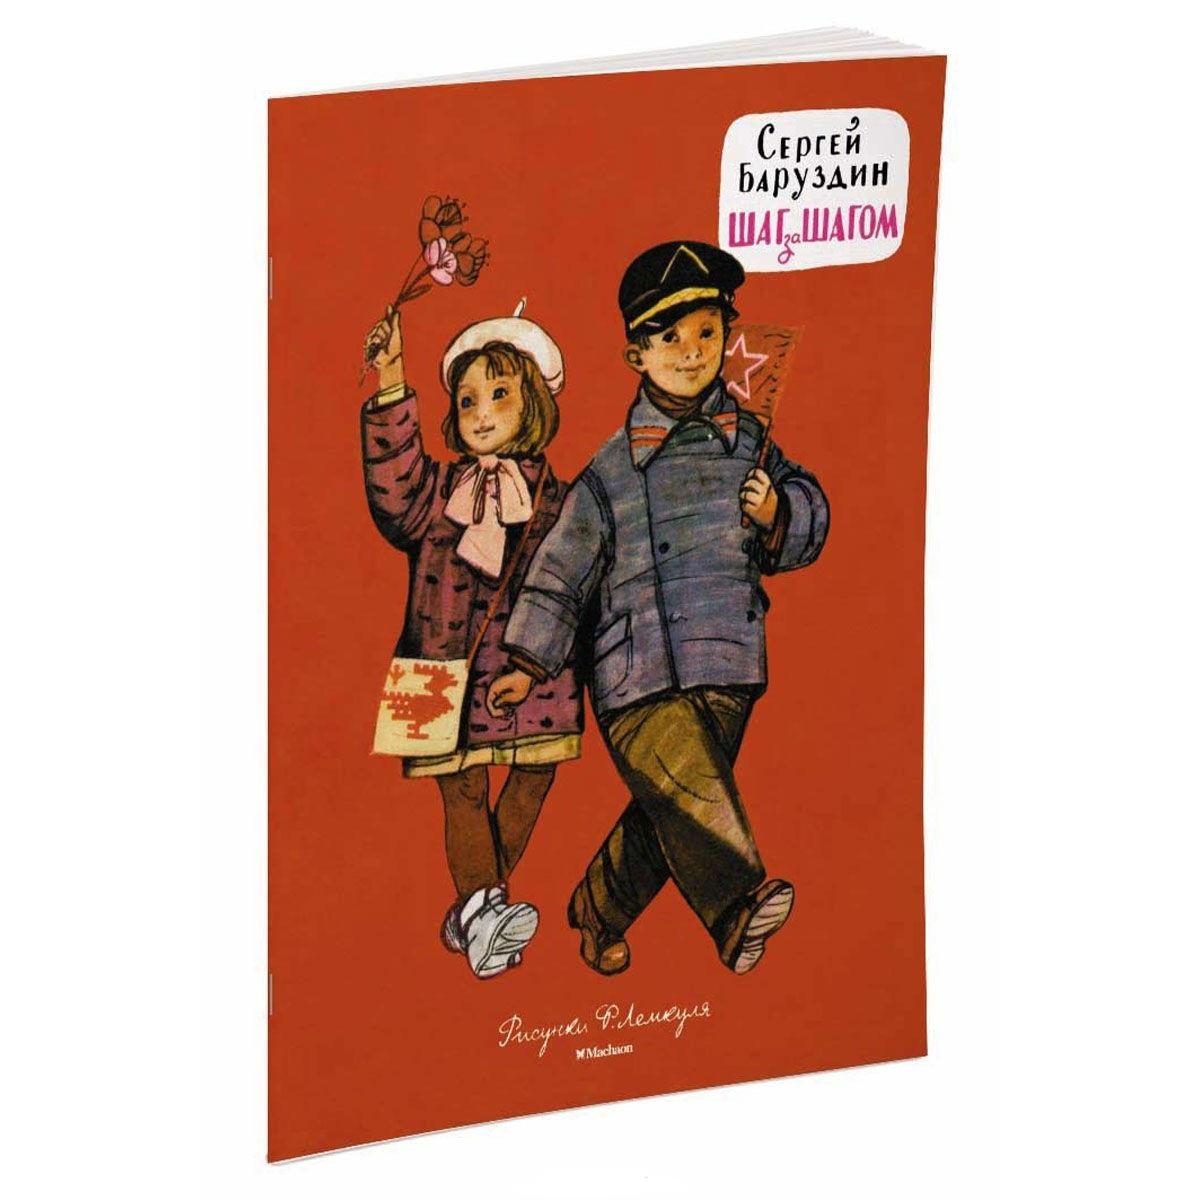 картинка Книга Баруздин С. - Шаг за шагом. Рисунки Ф. Лемкуля от магазина Bebikam.ru